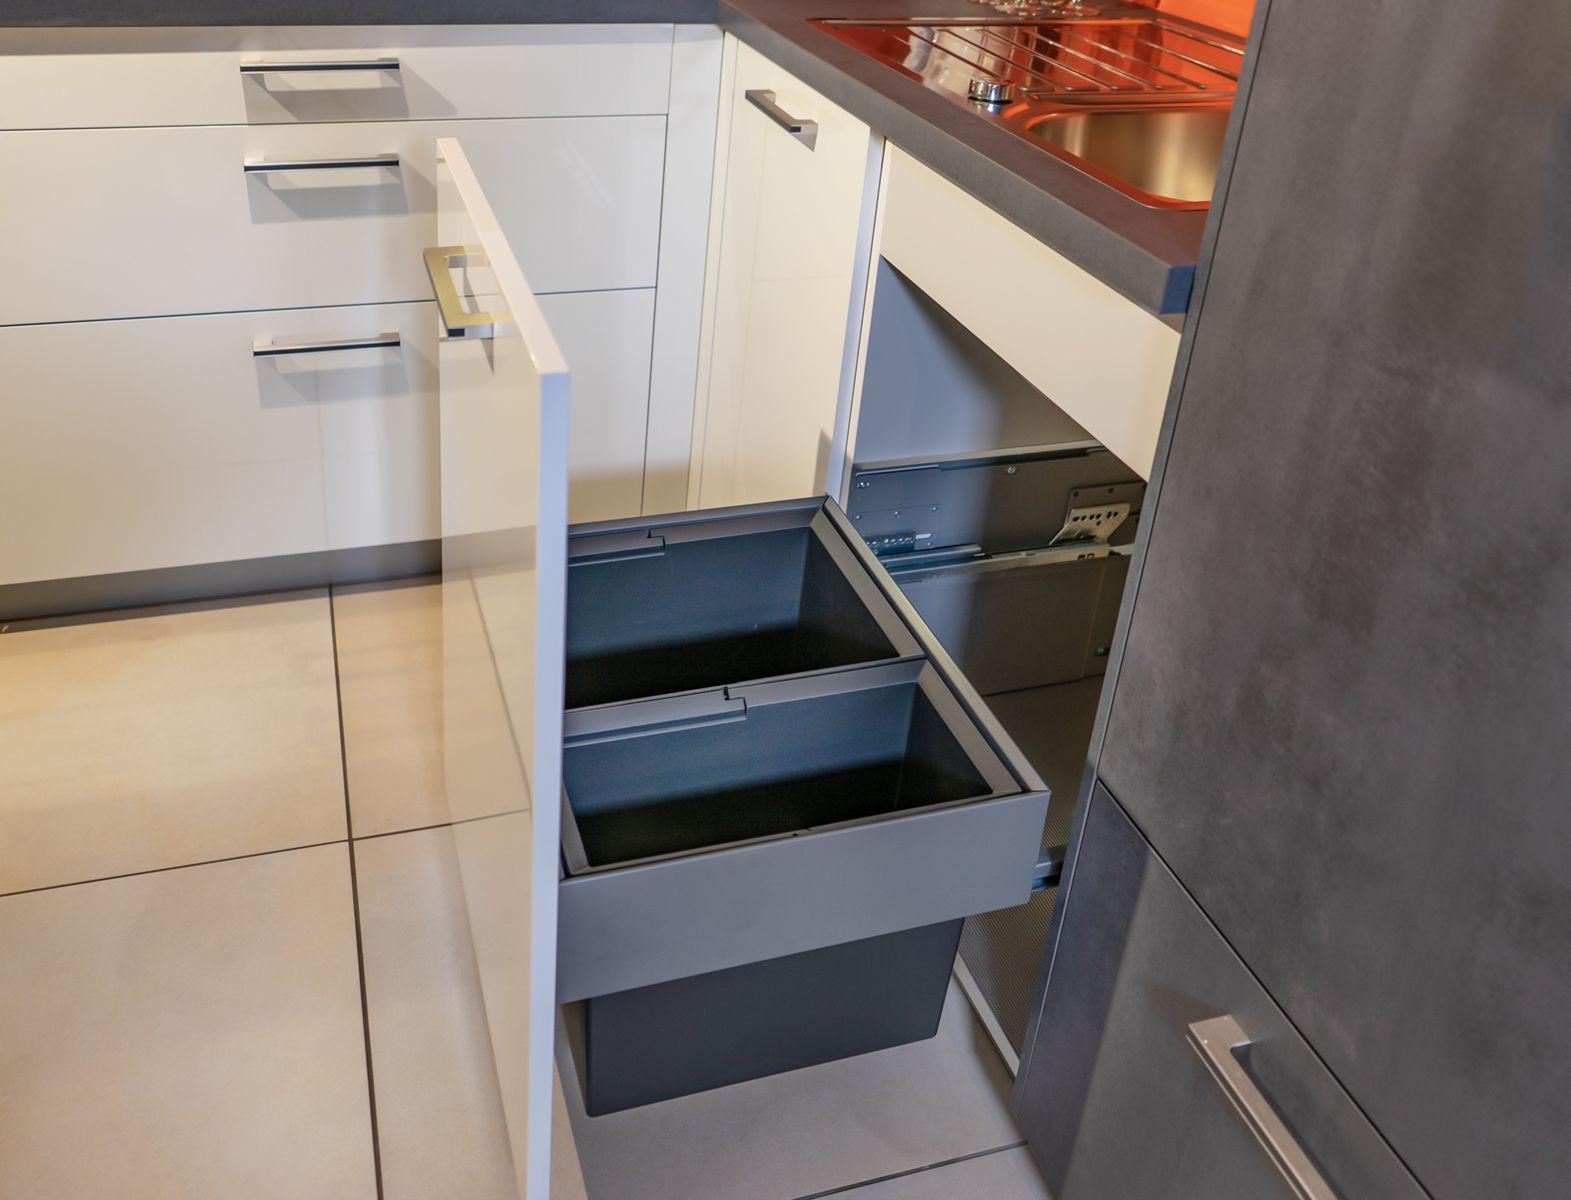 Küche mit integriertem Müllsystem. Ausstellungsküche jetzt